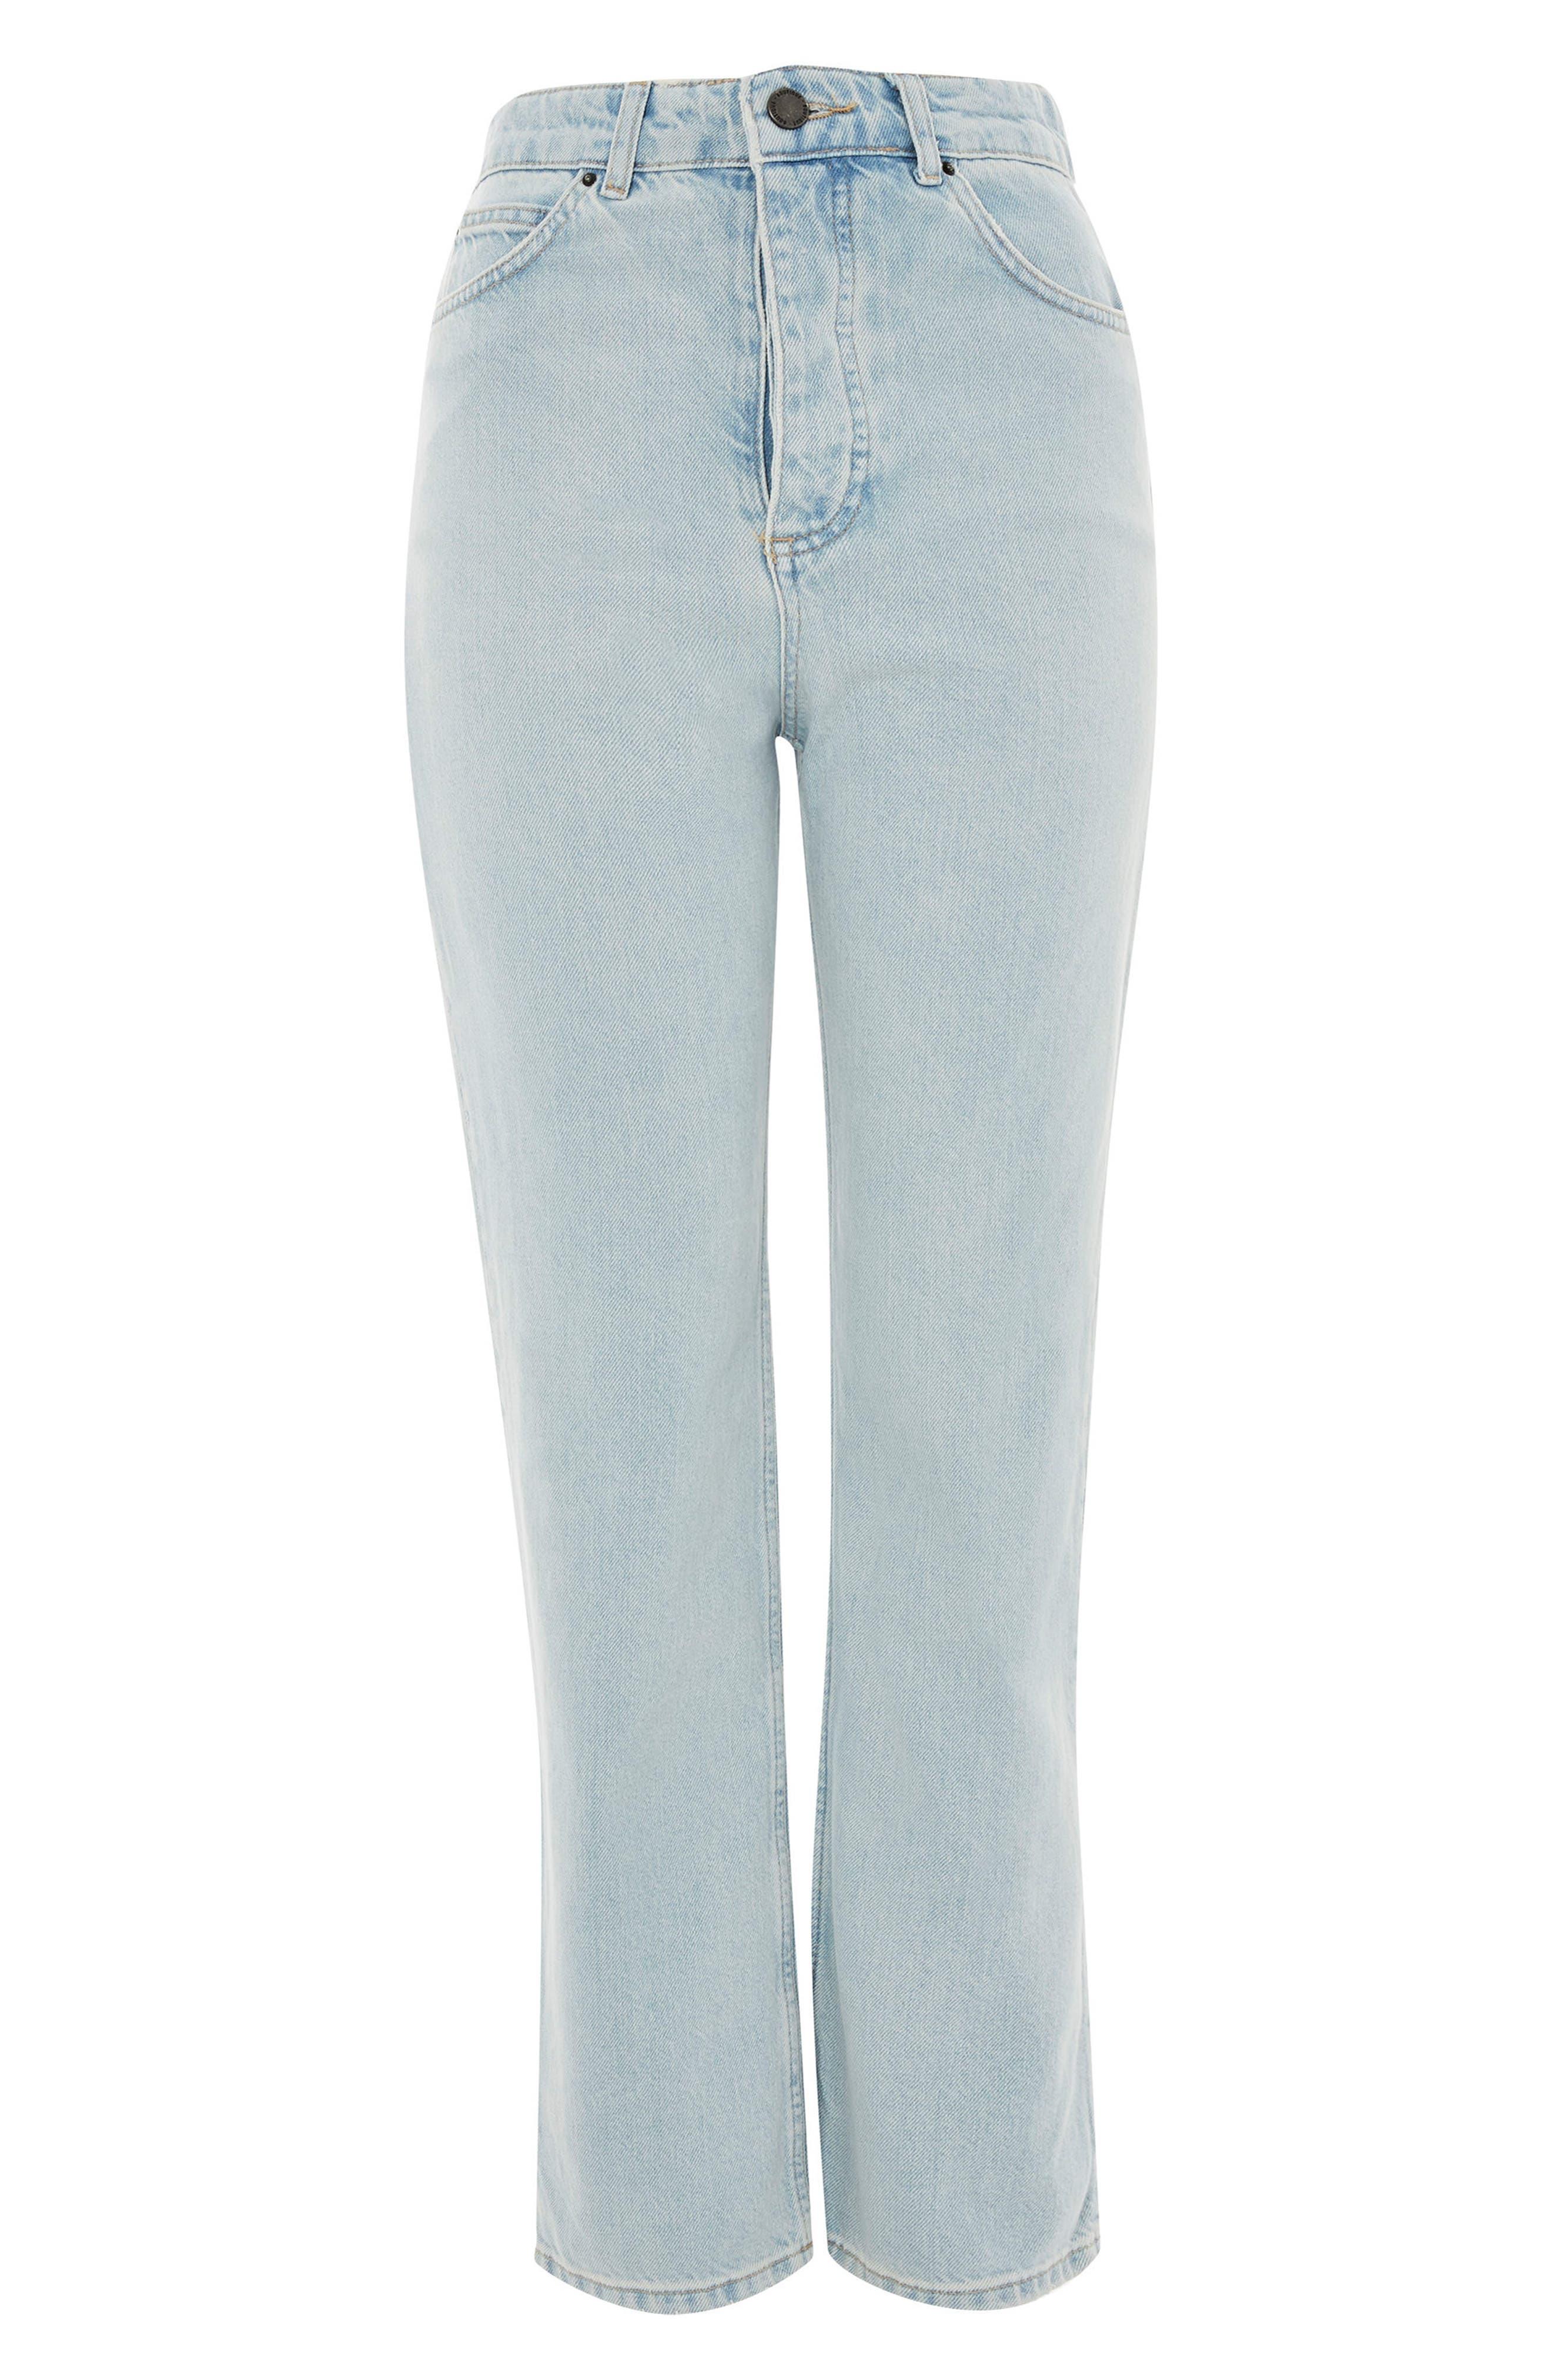 Boutique Bleach Denim Jeans,                         Main,                         color, Light Denim